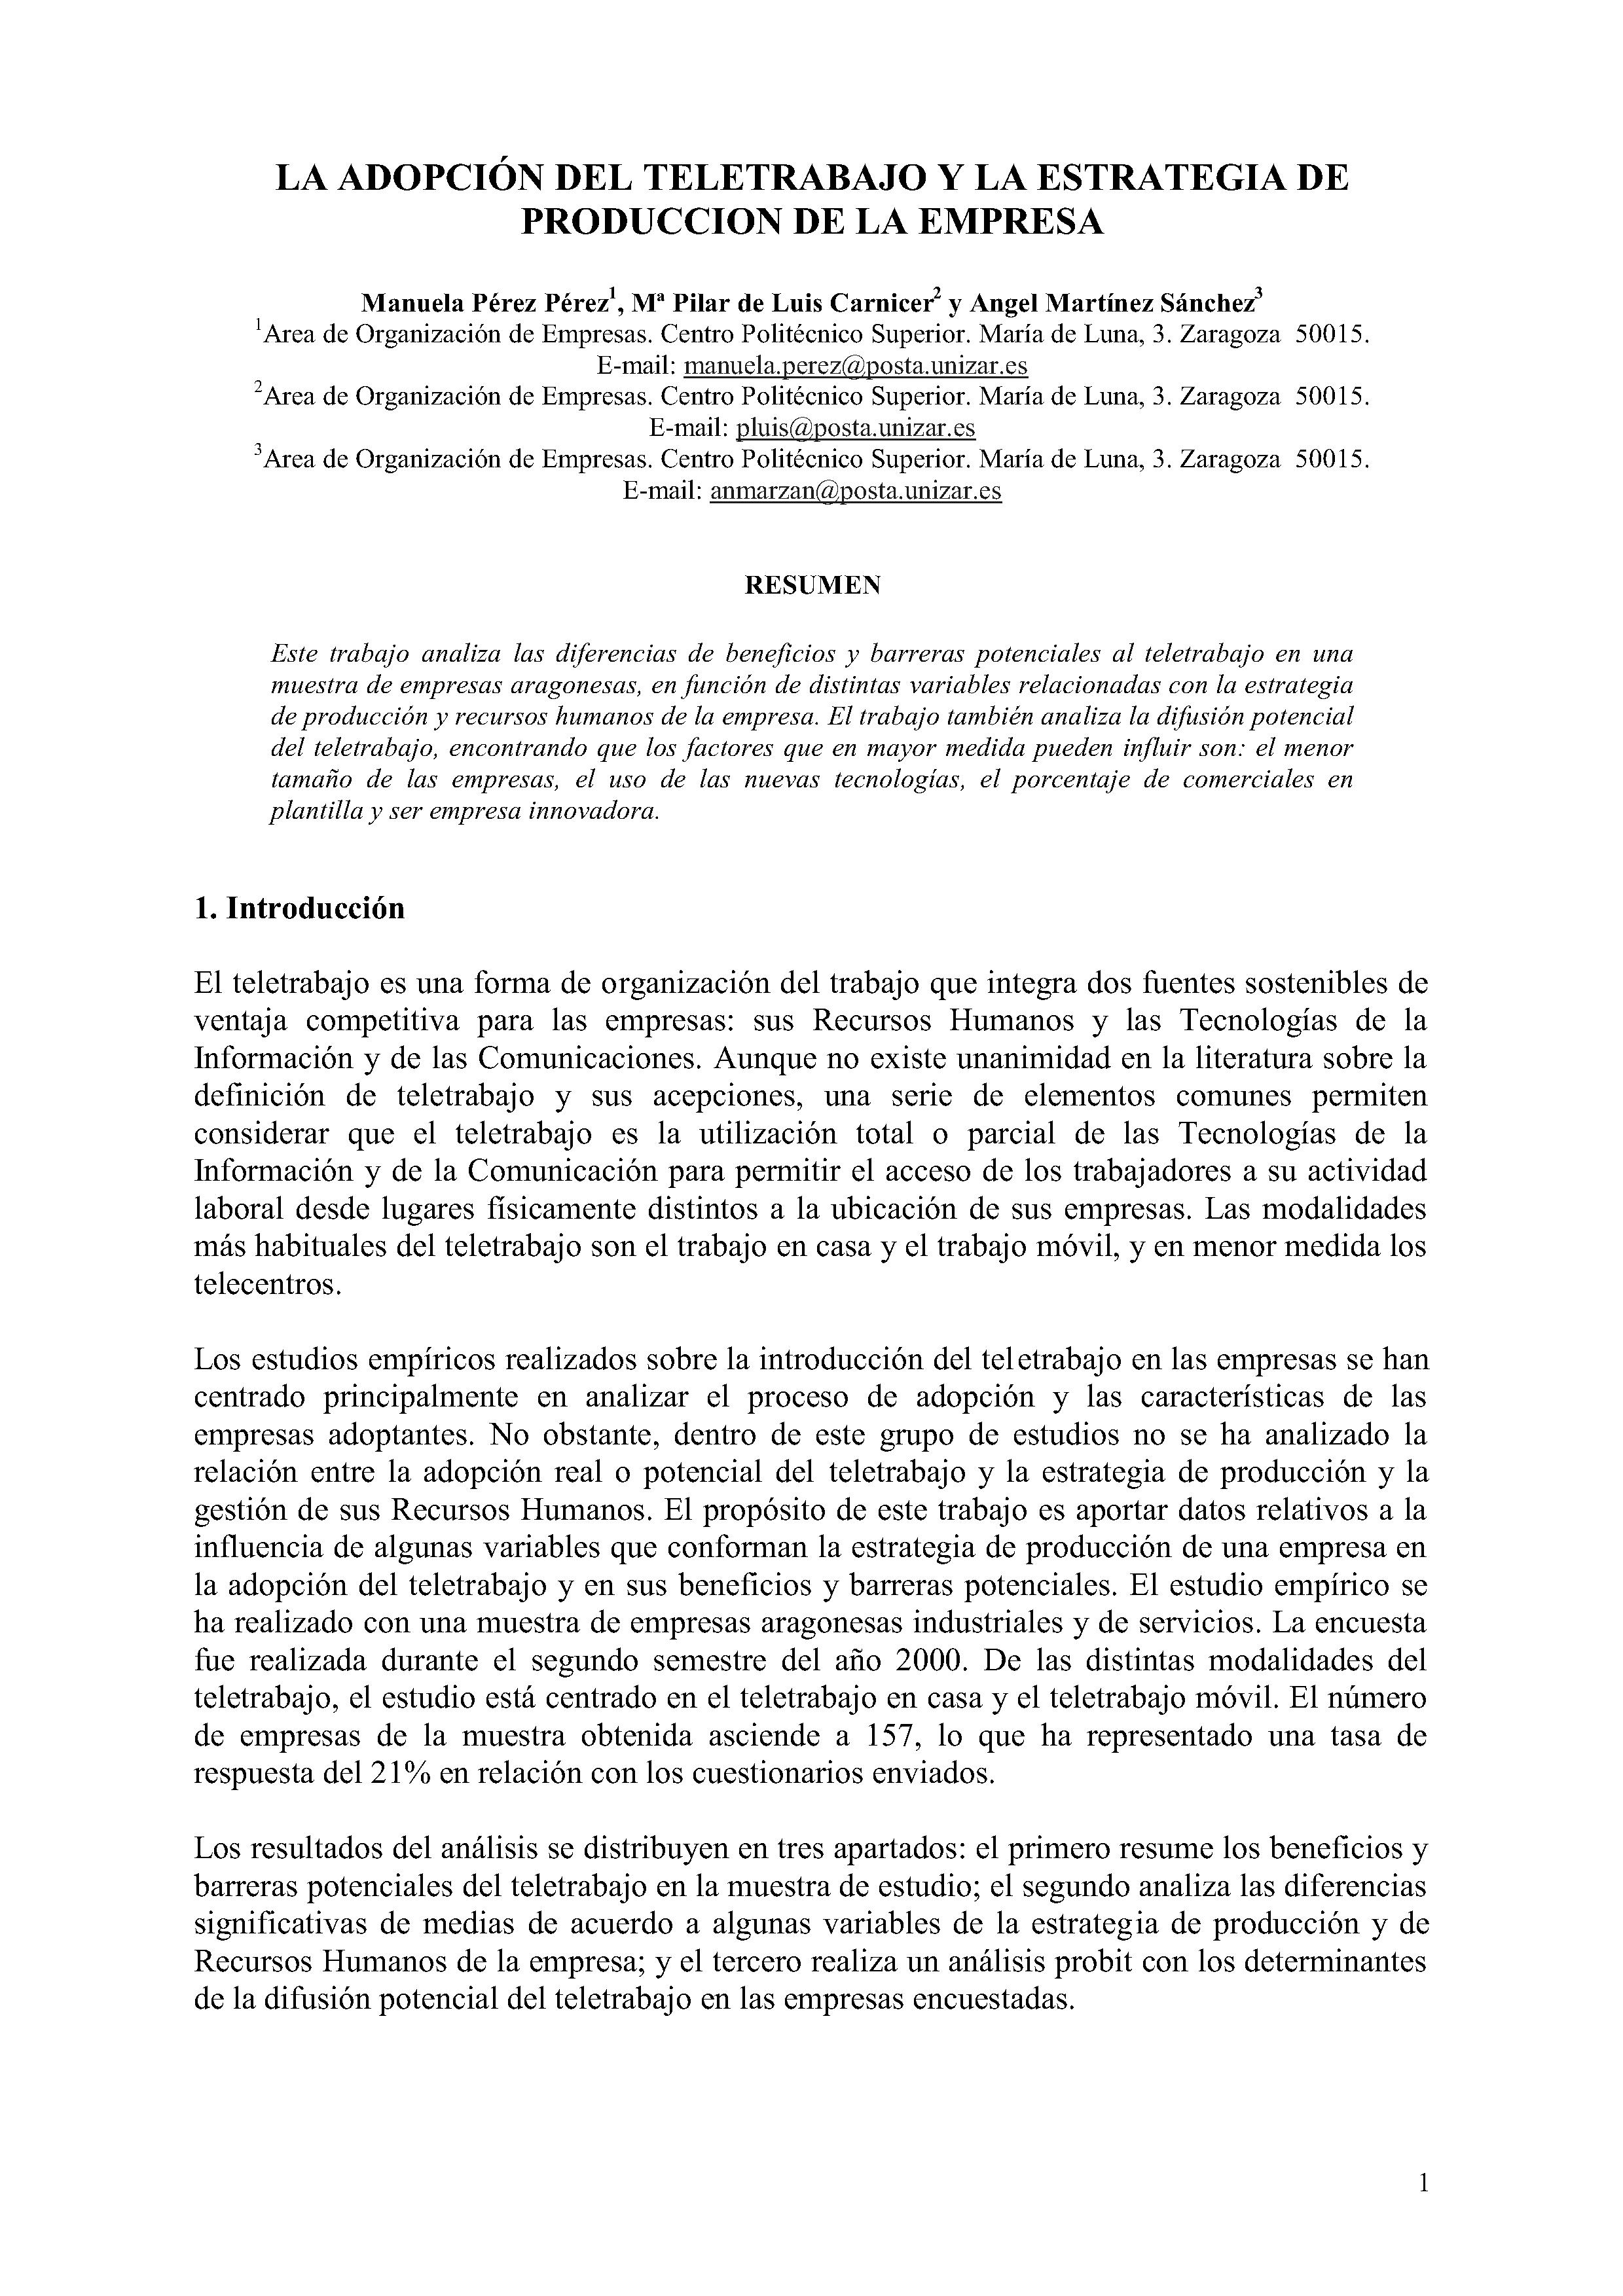 LA ADOPCIÓN DEL TELETRABAJO Y LA ESTRATEGIA DE PRODUCCION DE LA EMPRESA